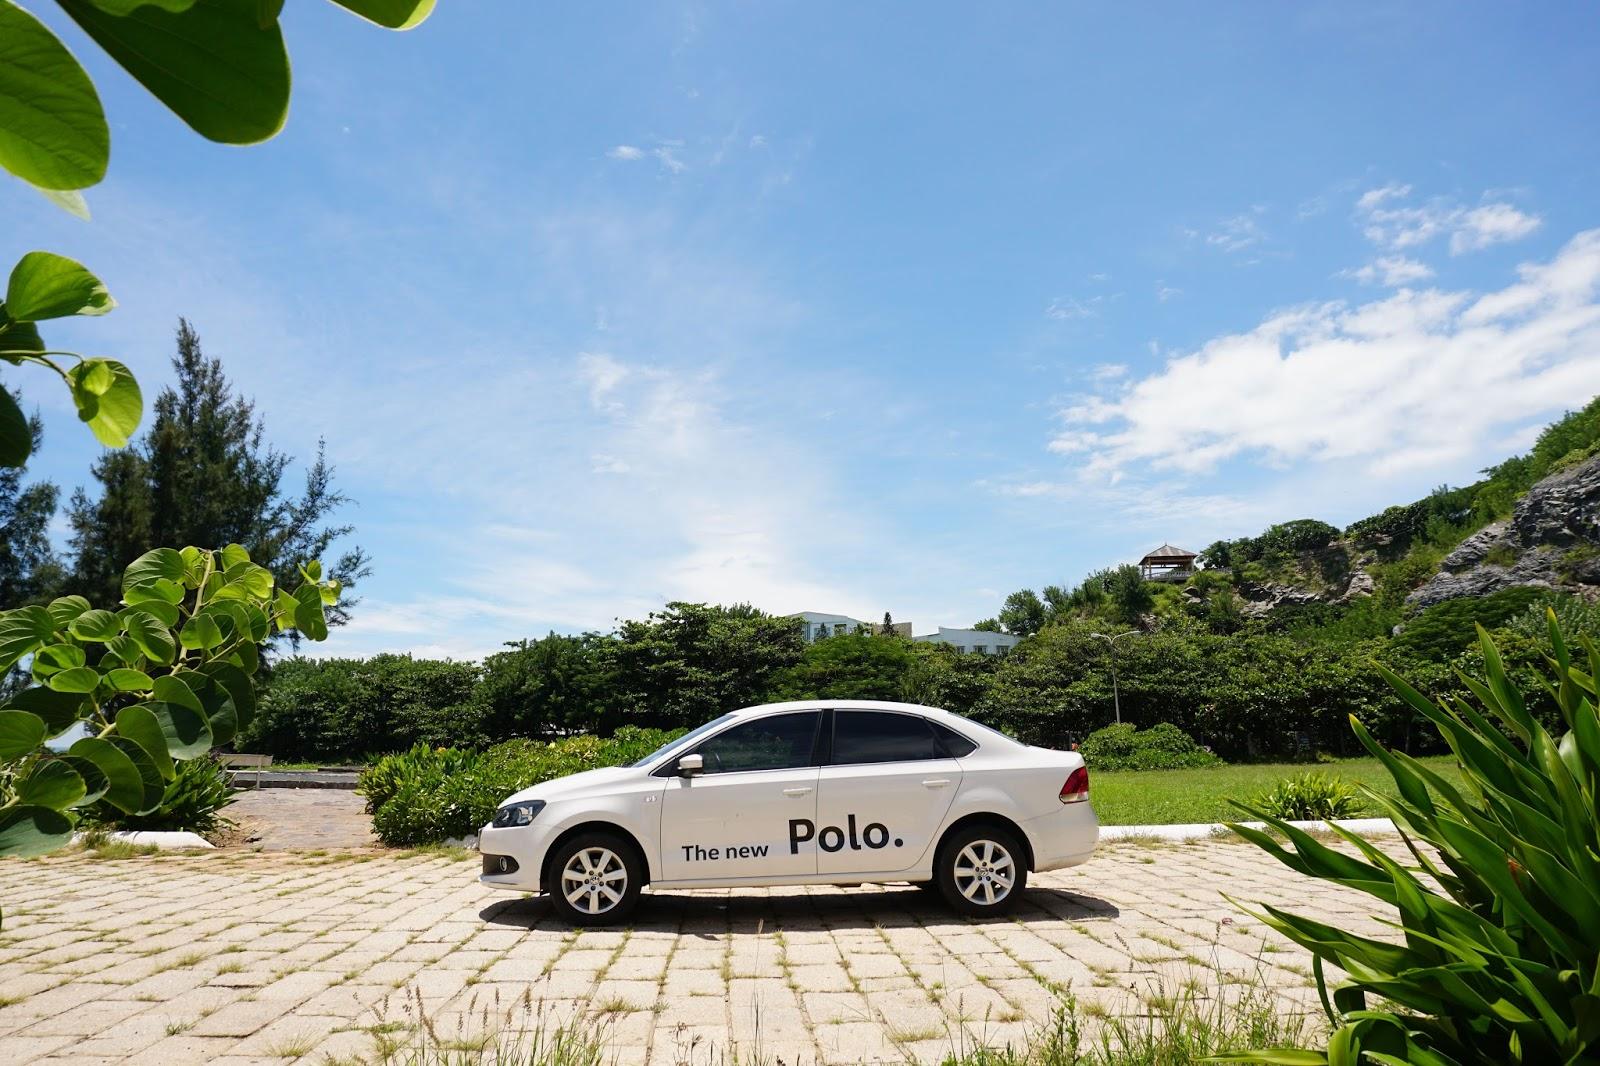 Polo 2016 có ngoại hình khá phổ thông cũng như nhỏ gọn